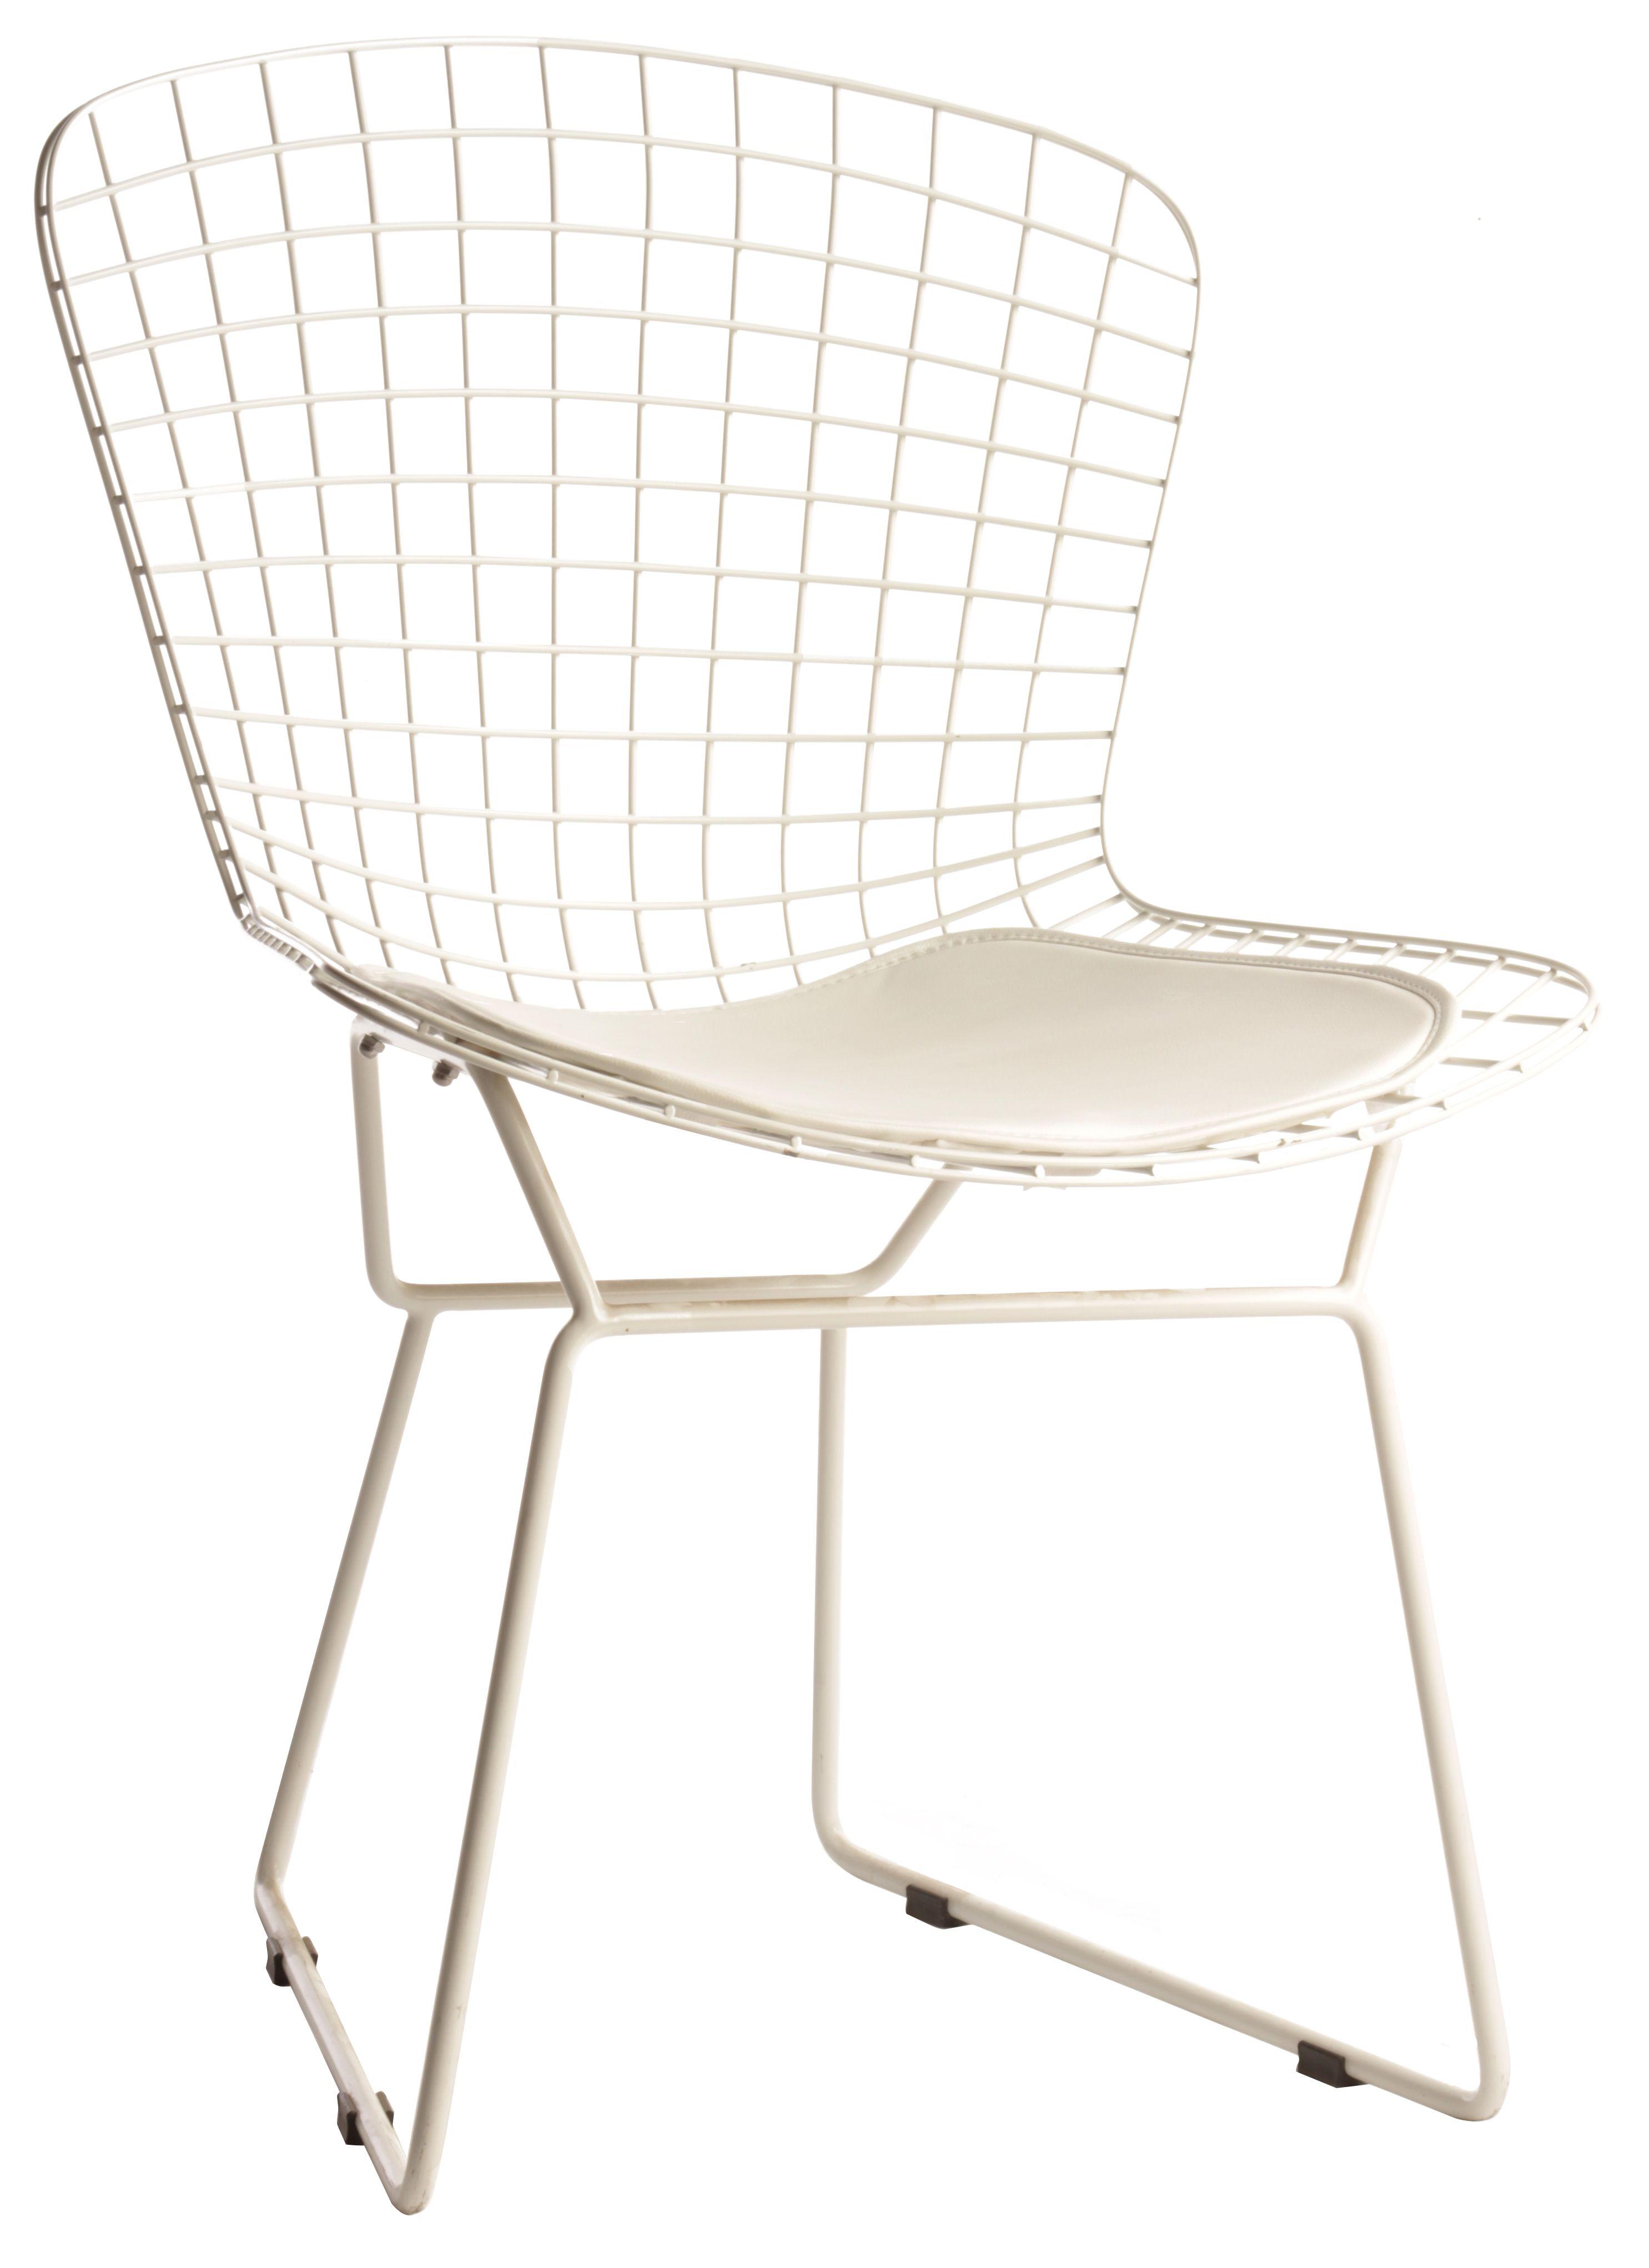 Replica Harry Bertoia Side Chair By Harry Bertoia Matt Blatt Bertoia Side Chair Bertoia Side Chairs